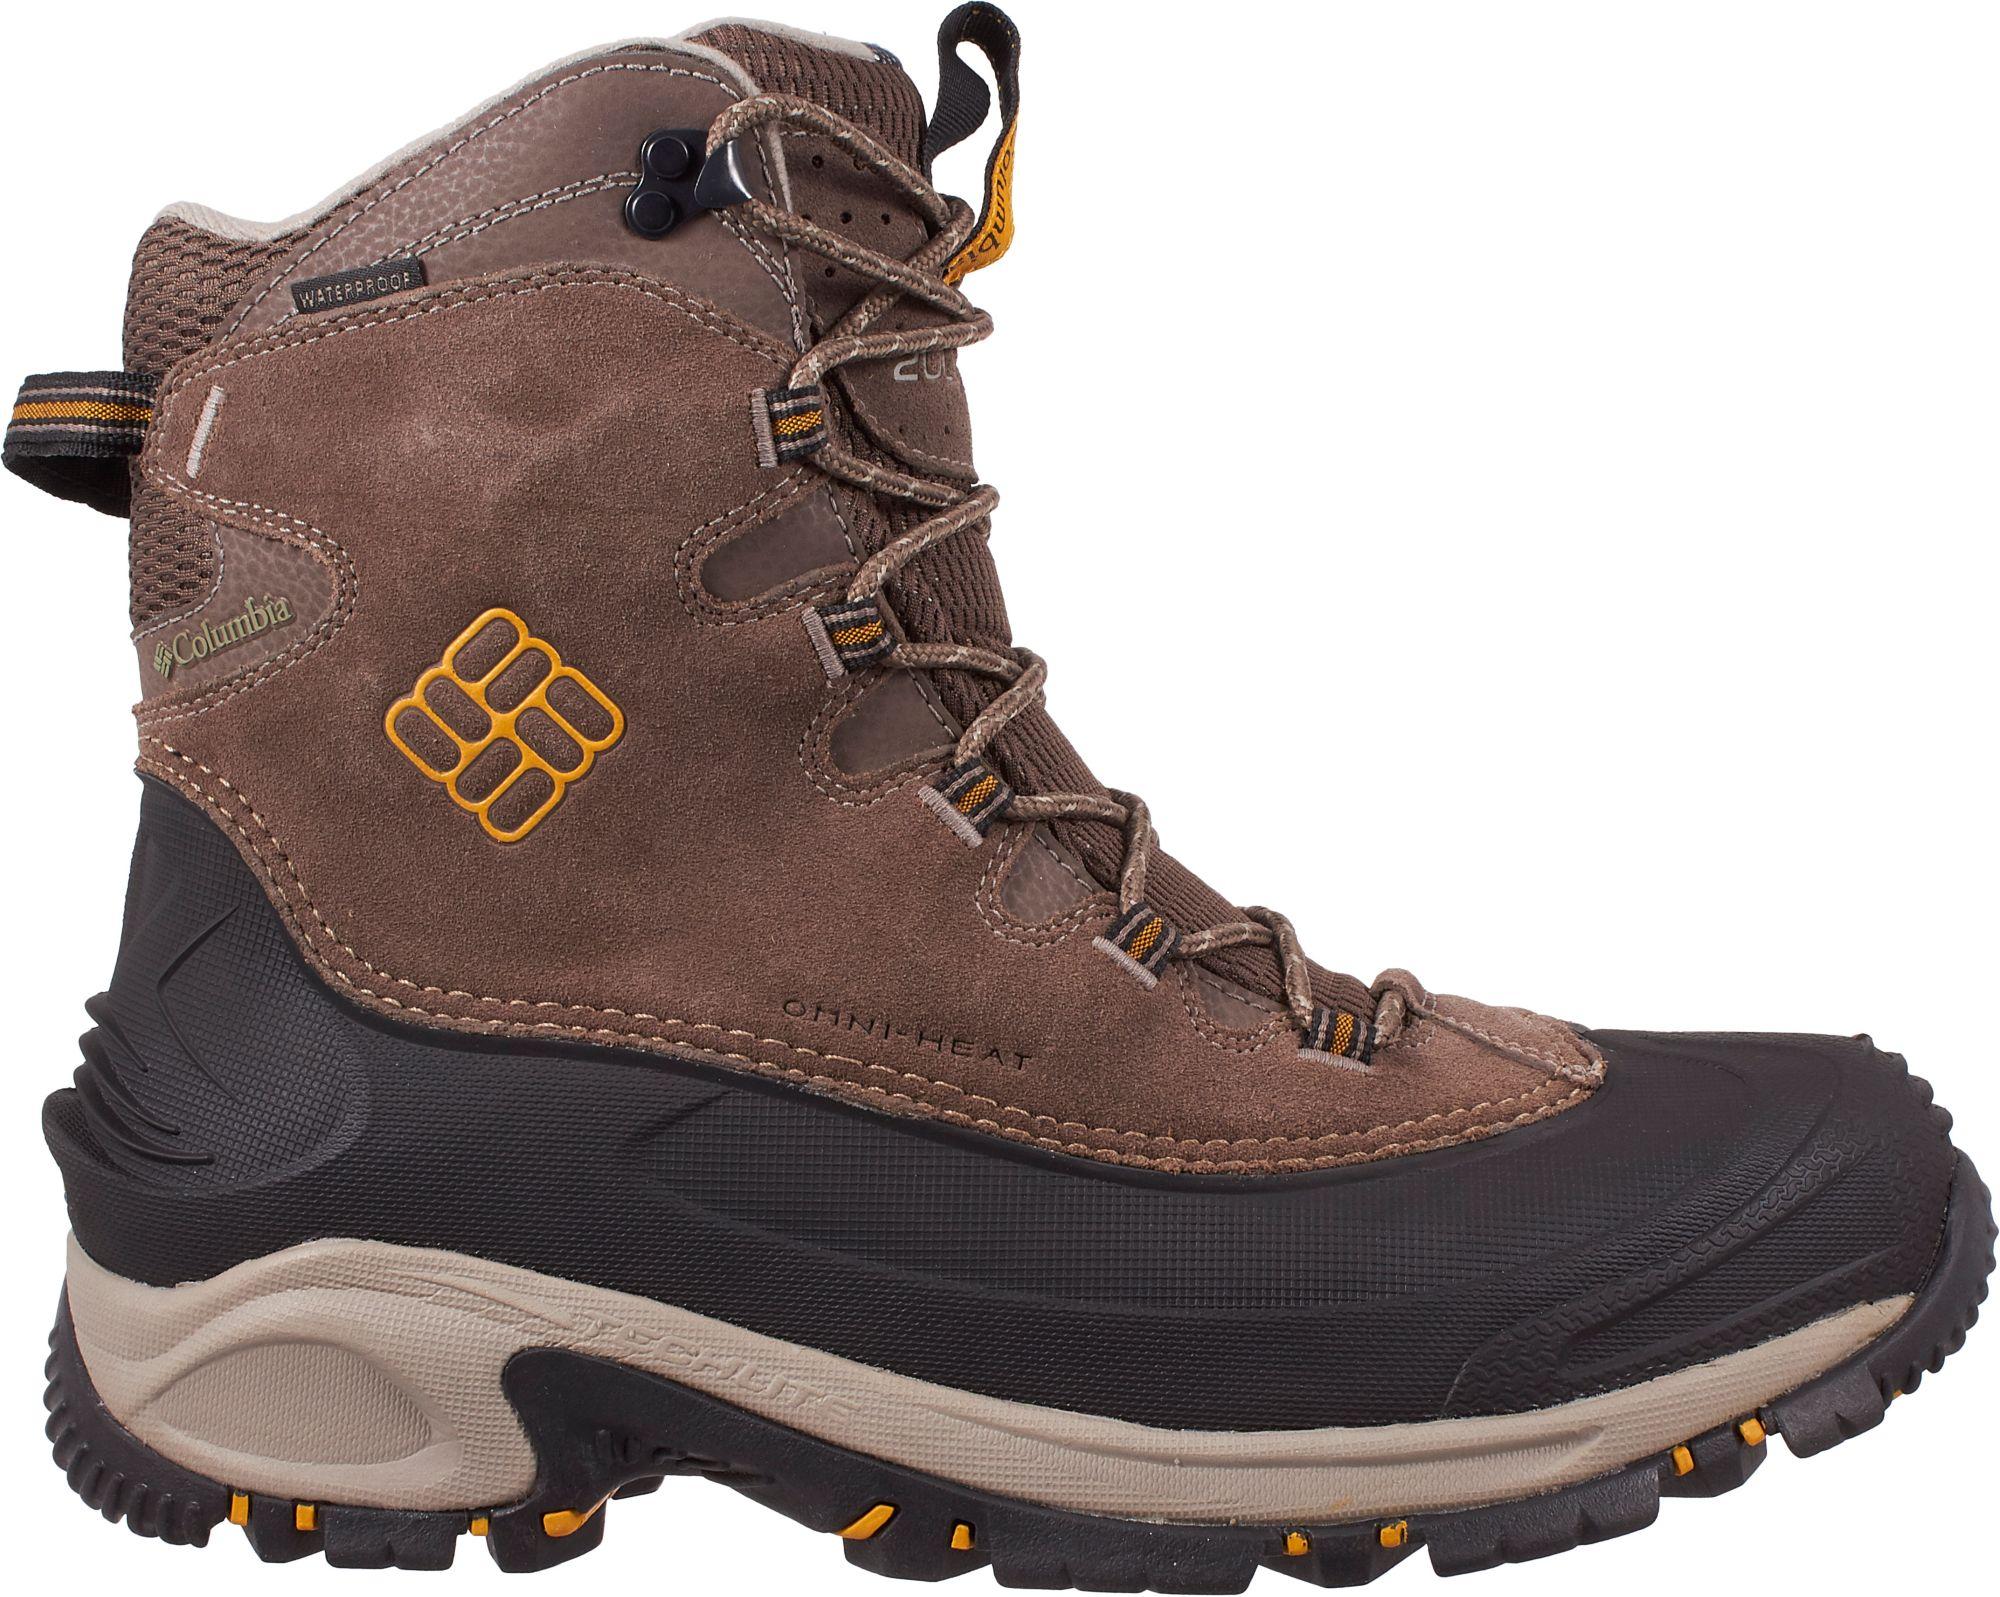 Columbia Men's BugaBoot Omni-Heat Waterproof 200g Winter Boots ...